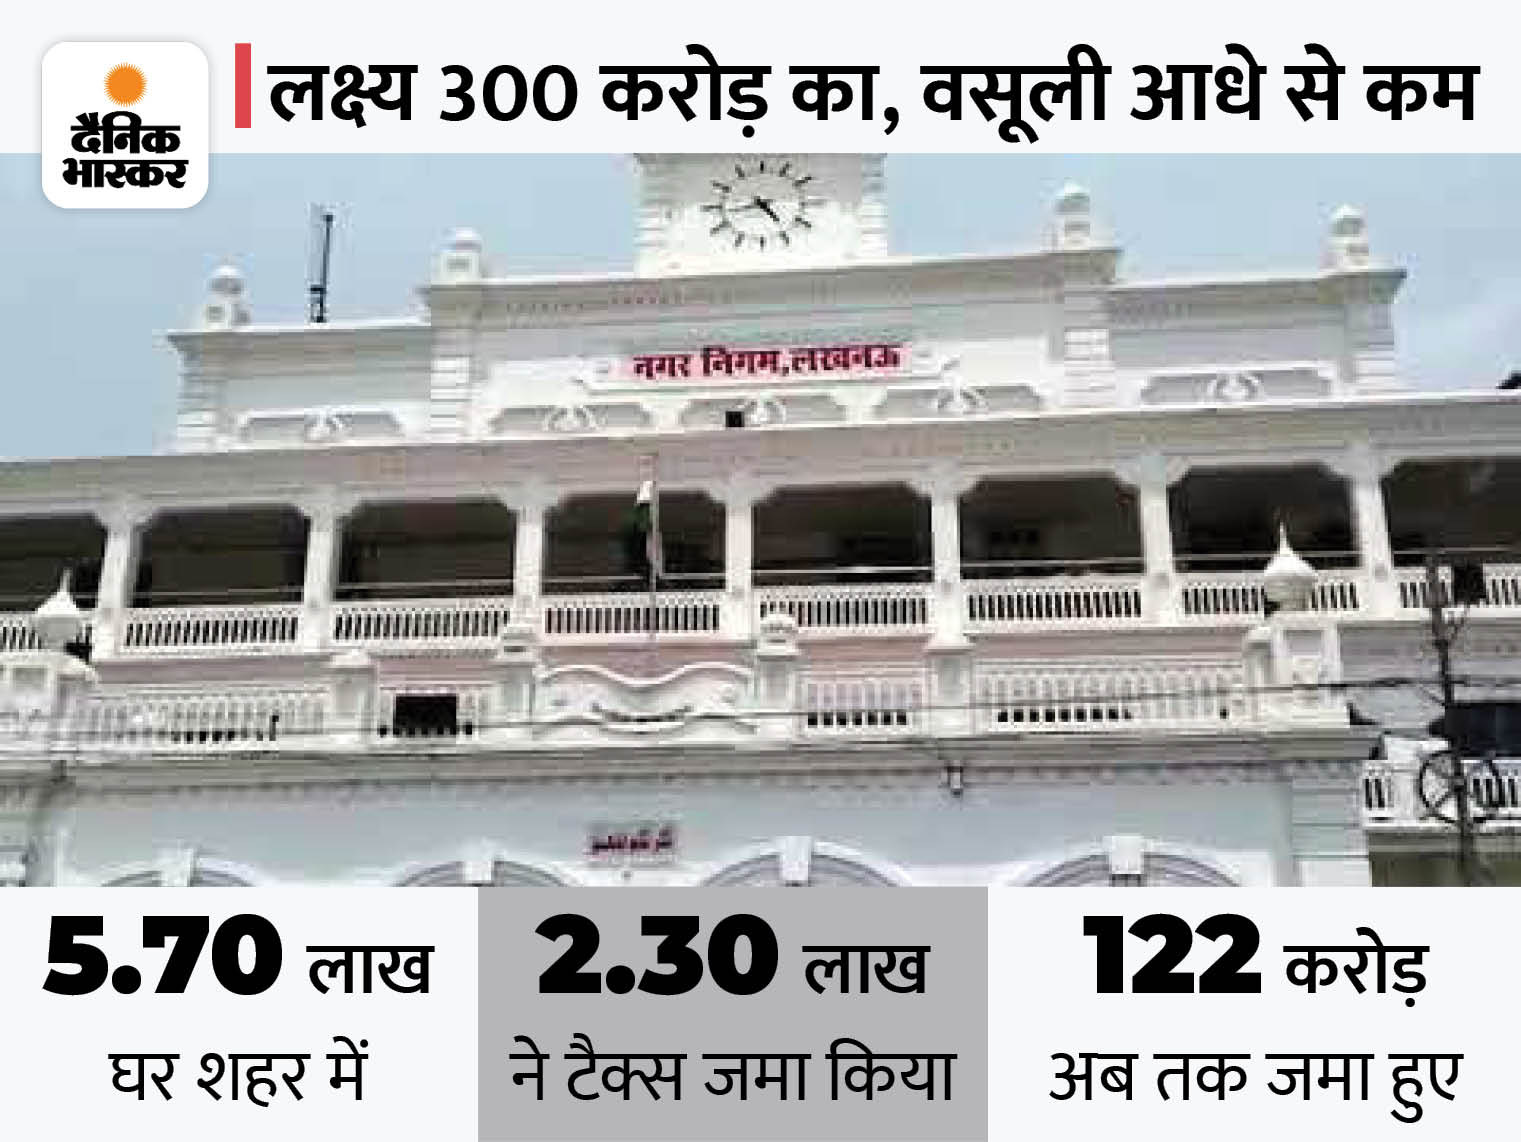 10% छूट के साथ हाउस टैक्स जमा करने की आखिरी डेट एक माह बढ़ी, अब 30 सितंबर तक बकाया चुकता कर पाएंगे|लखनऊ,Lucknow - Dainik Bhaskar